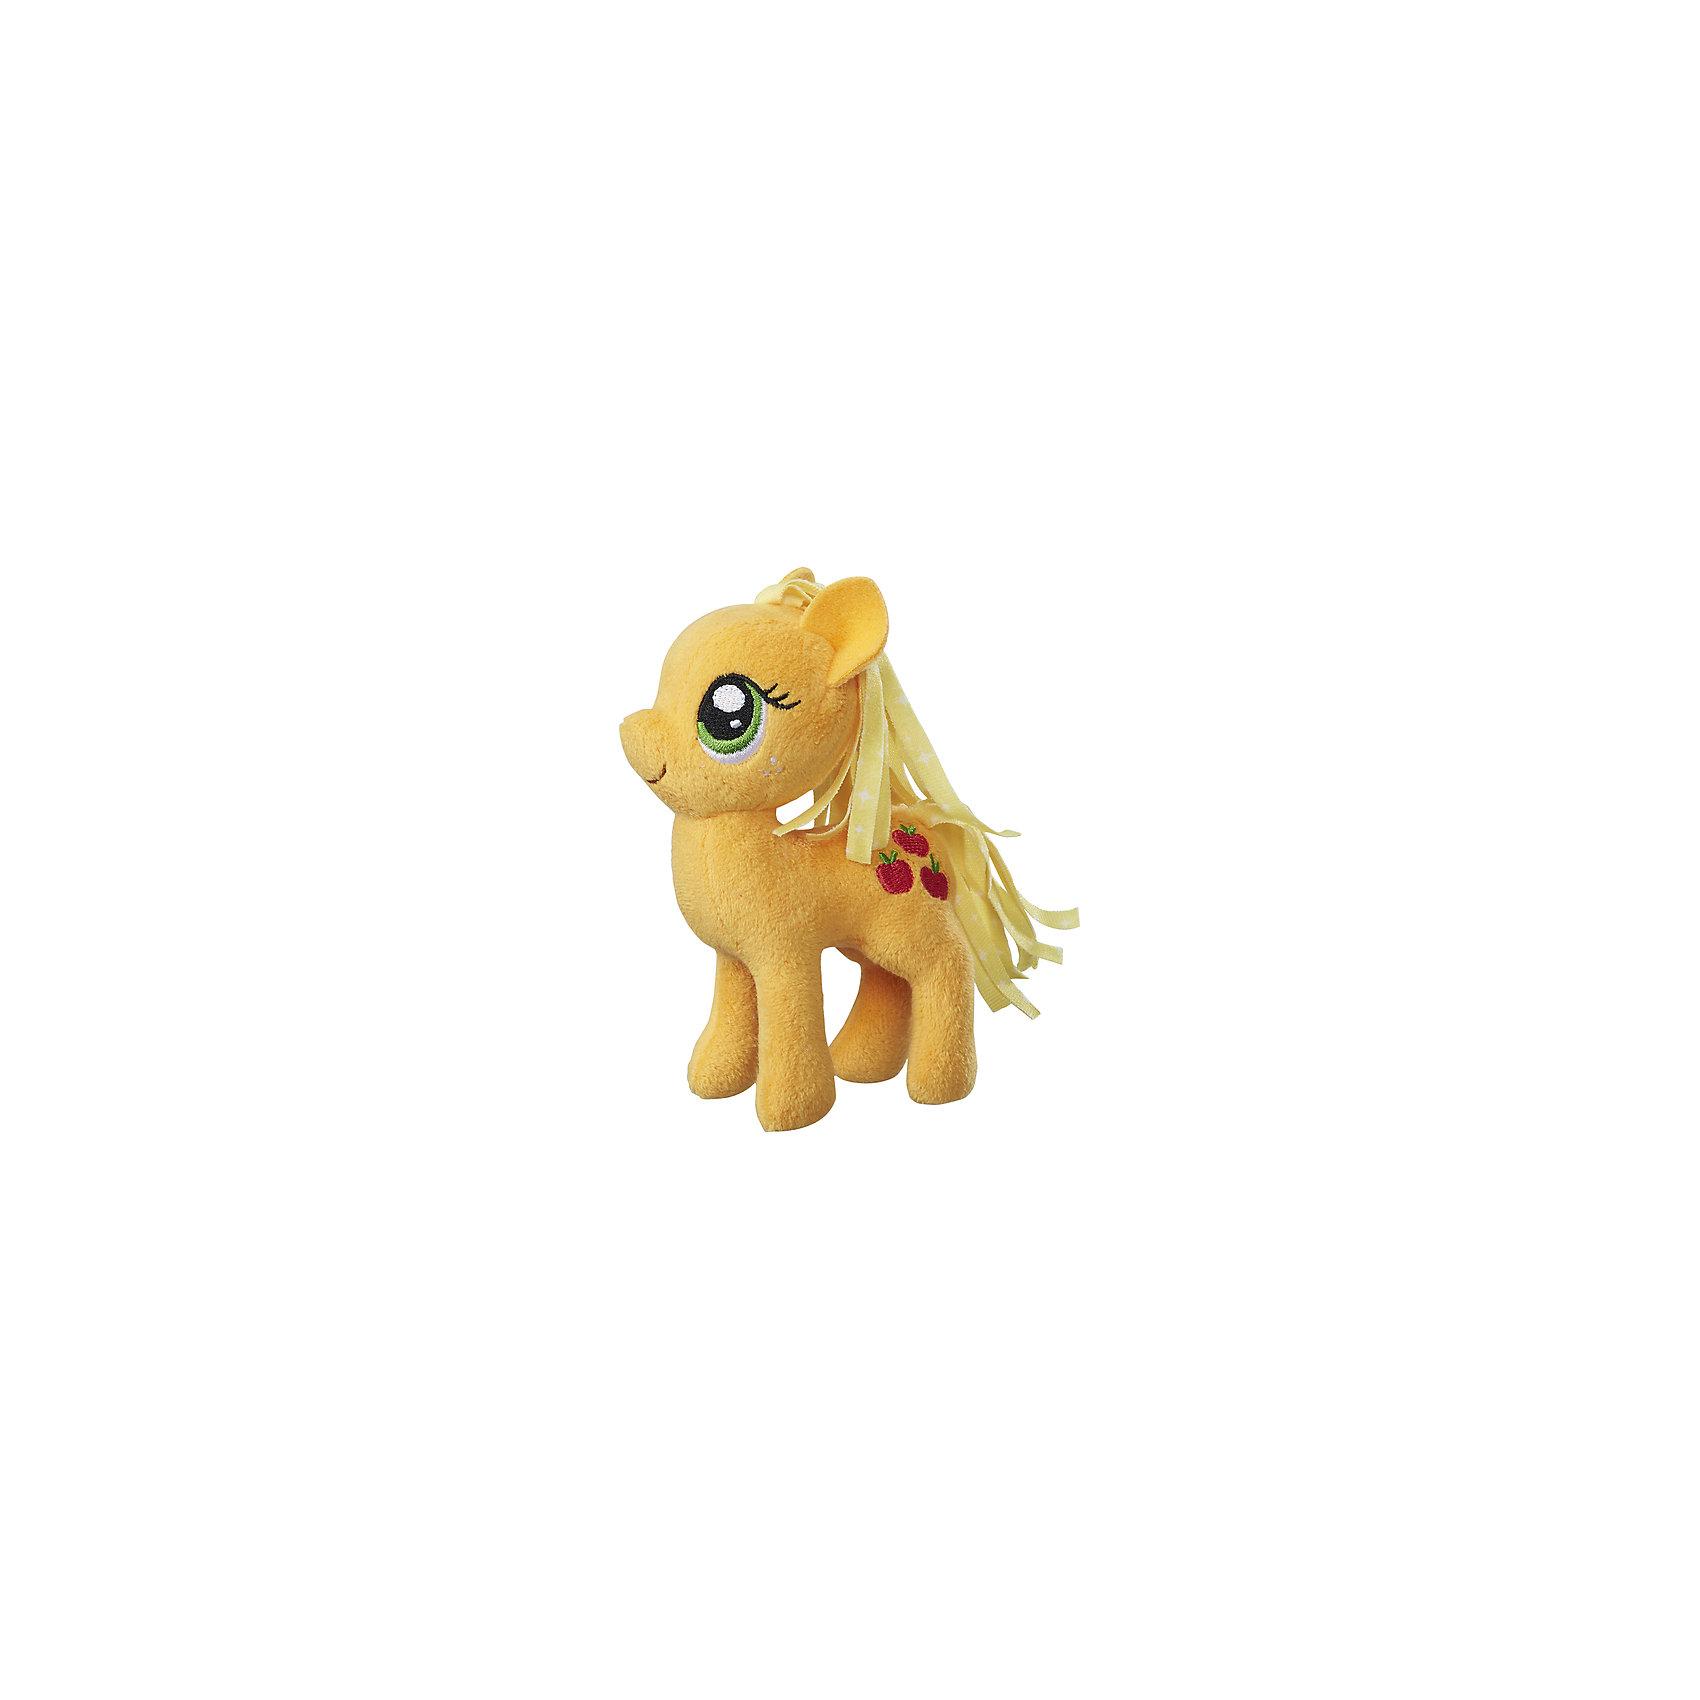 Мягкая игрушка Hasbro My little Pony Маленькие плюшевые пони, Эпплджек 13 смЛюбимые герои<br><br><br>Ширина мм: 102<br>Глубина мм: 102<br>Высота мм: 127<br>Вес г: 39<br>Возраст от месяцев: 36<br>Возраст до месяцев: 2147483647<br>Пол: Женский<br>Возраст: Детский<br>SKU: 7140852